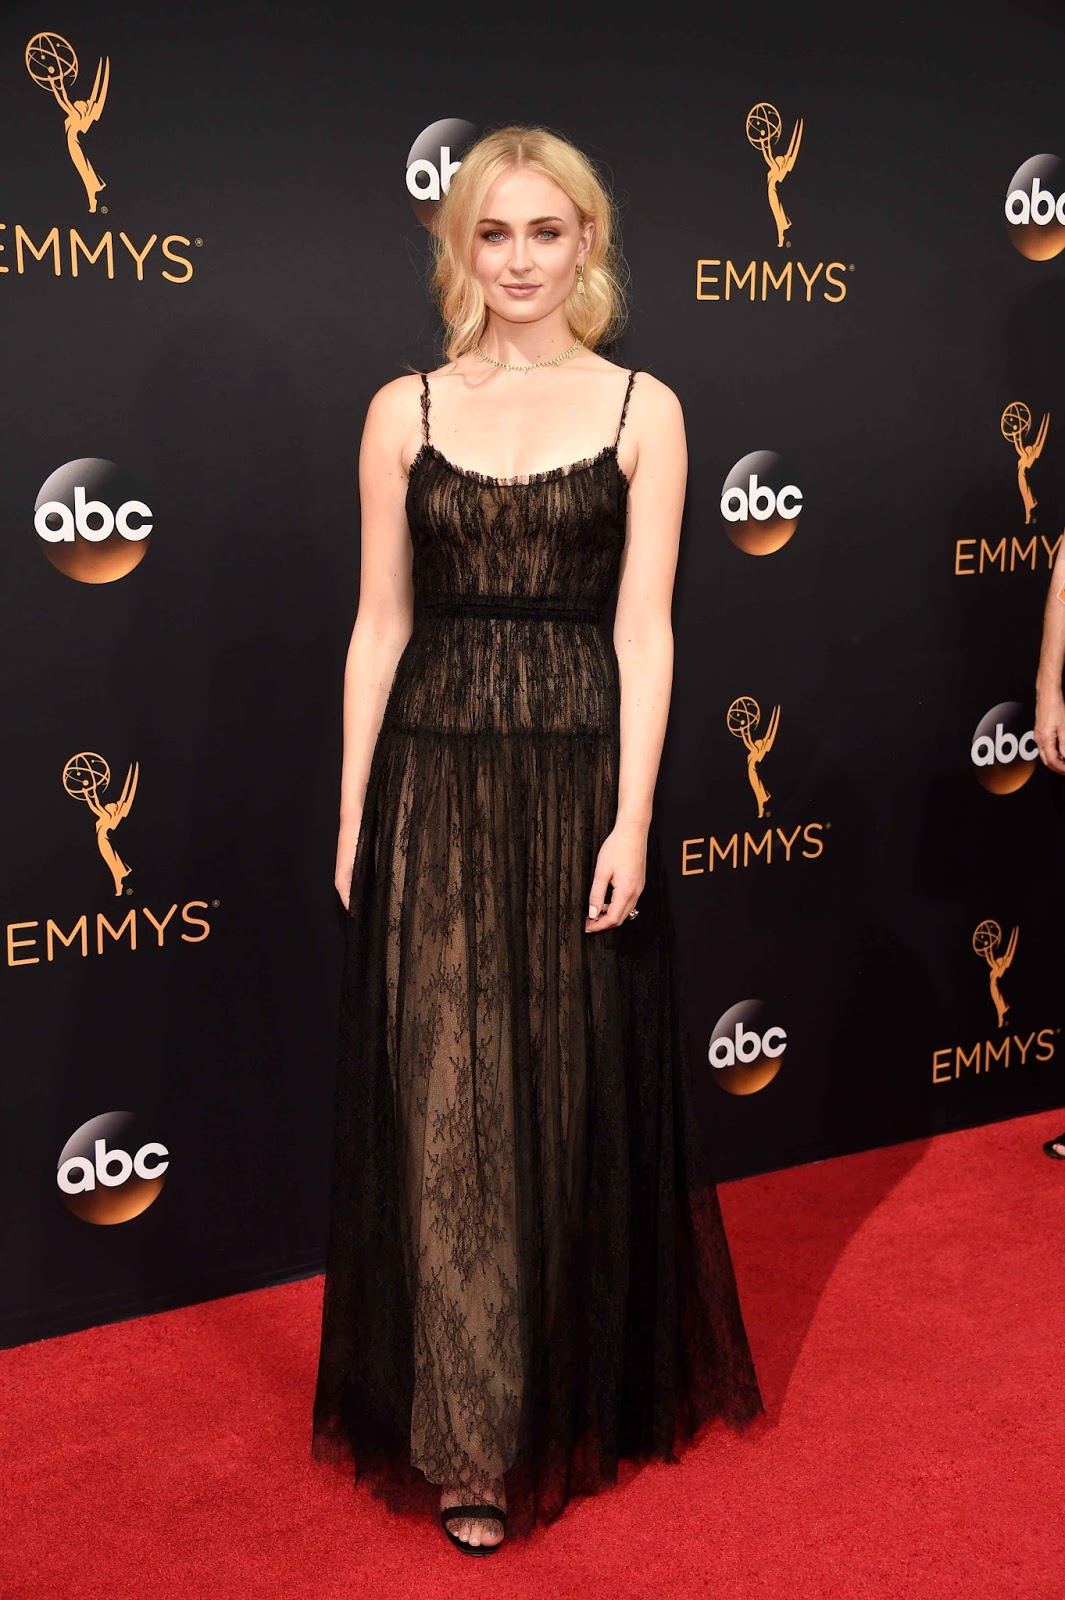 Sophie Turner at The Emmy Awards 2016